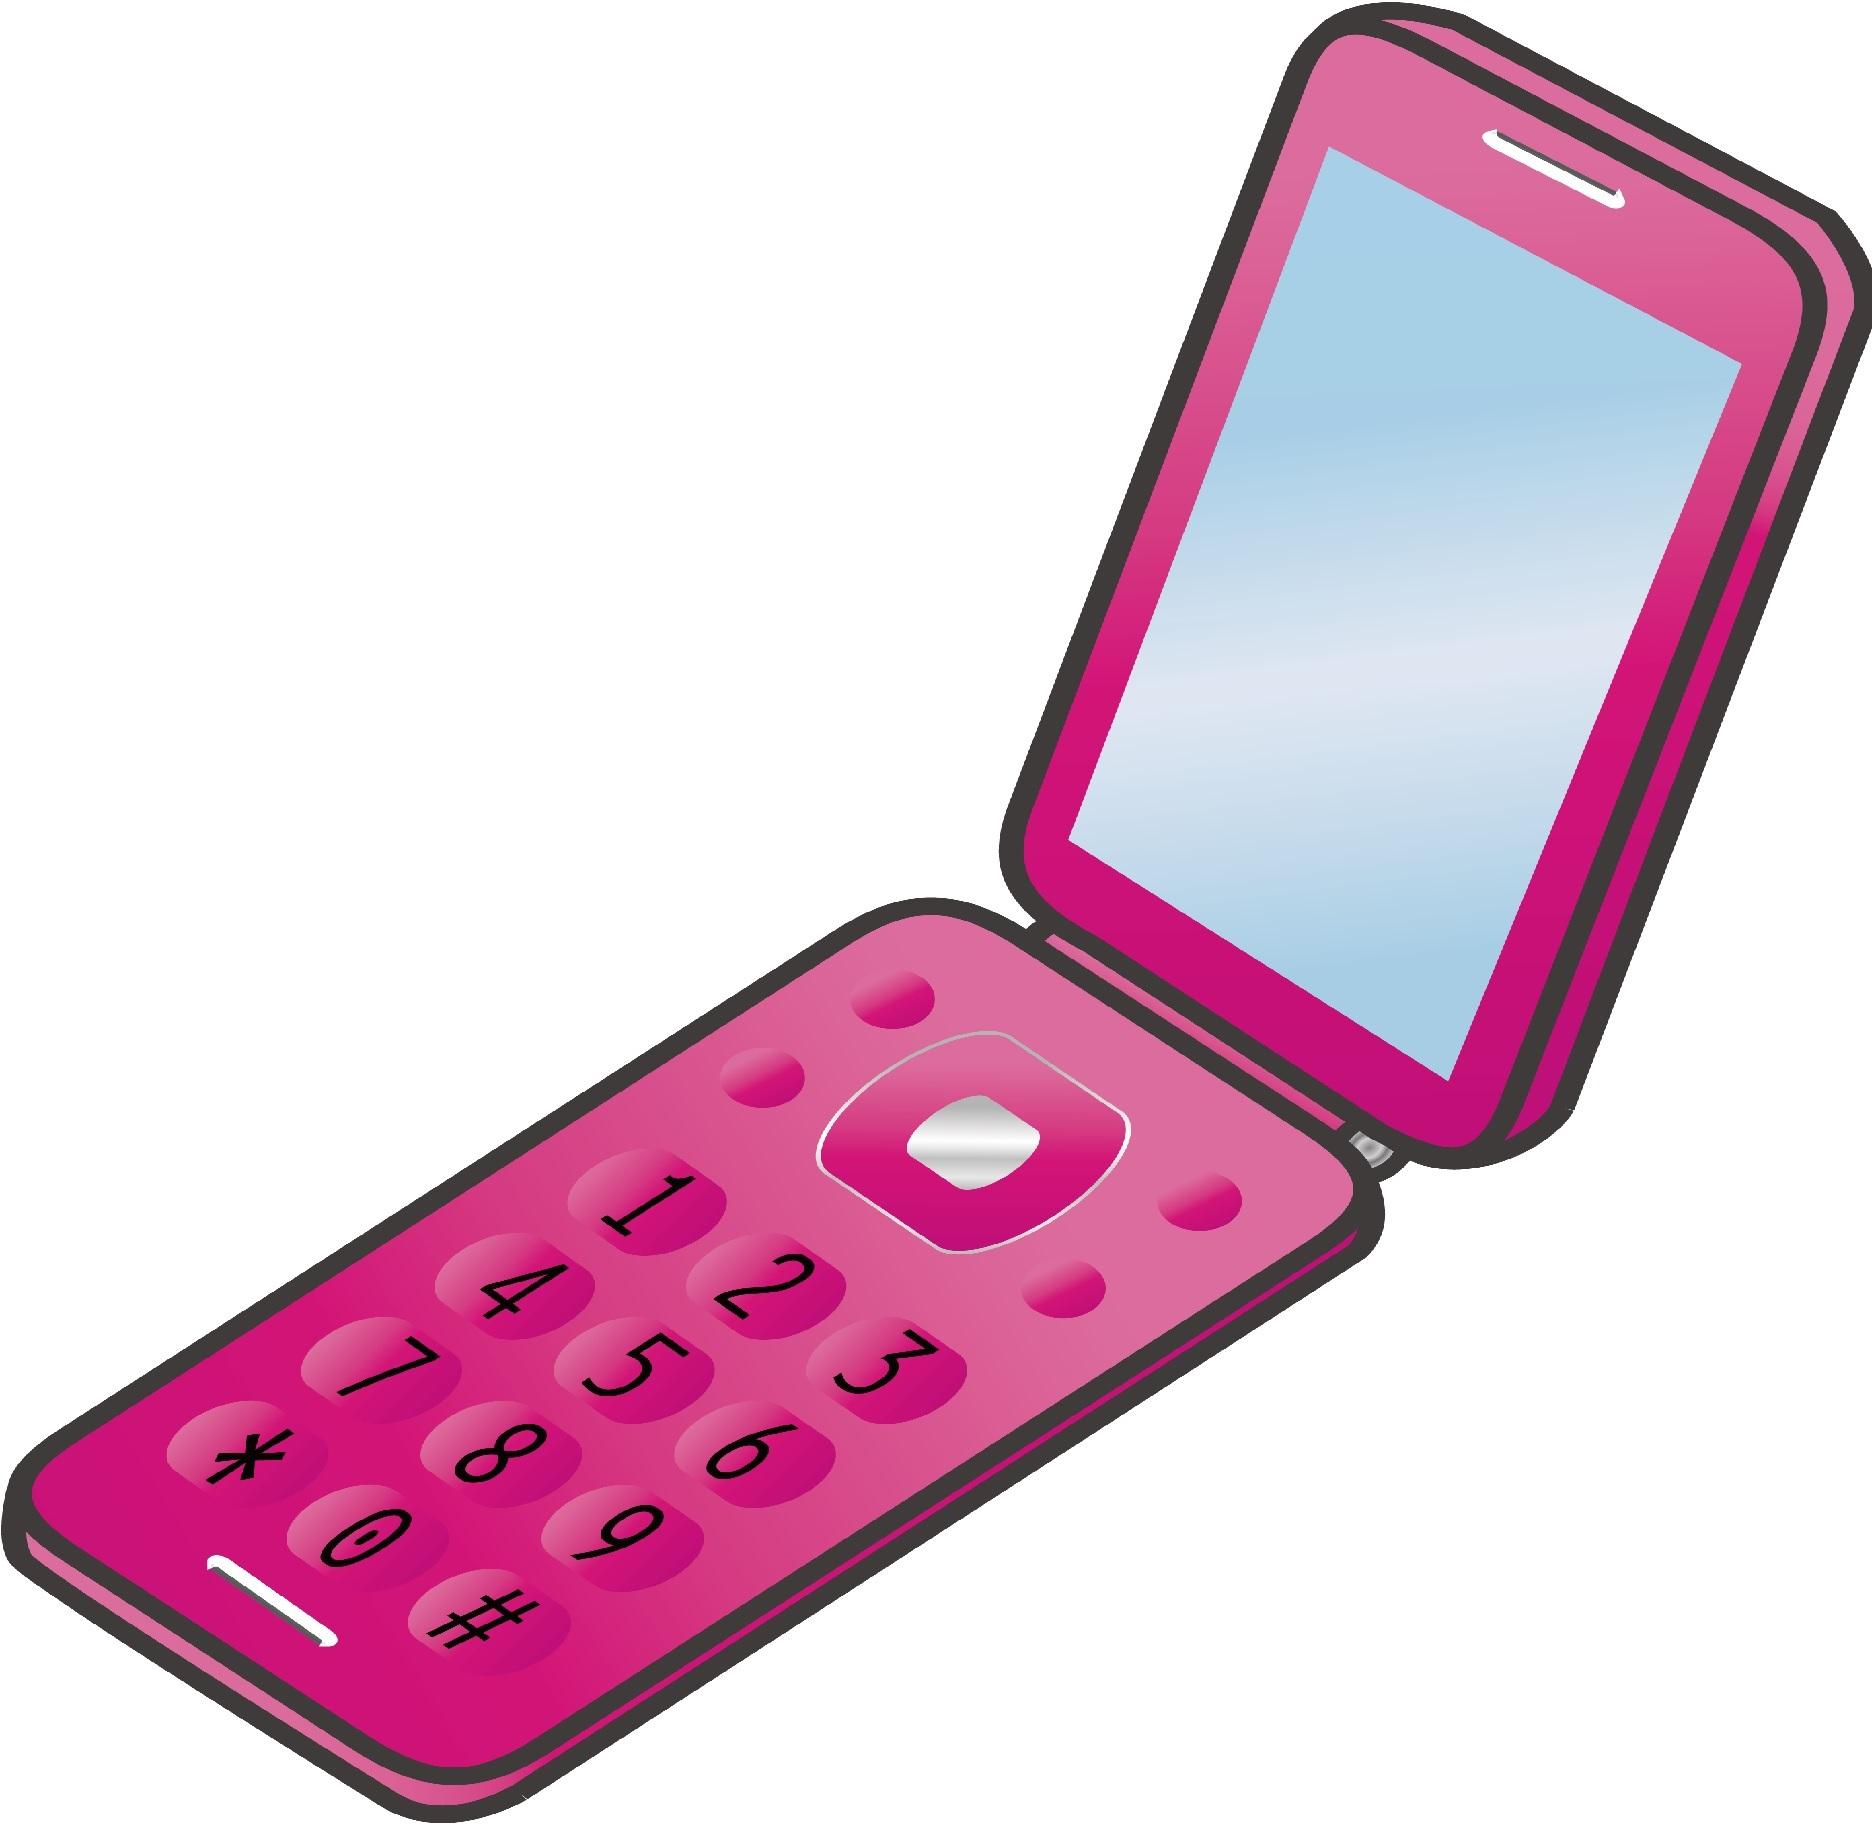 異物挿入で使われていた携帯